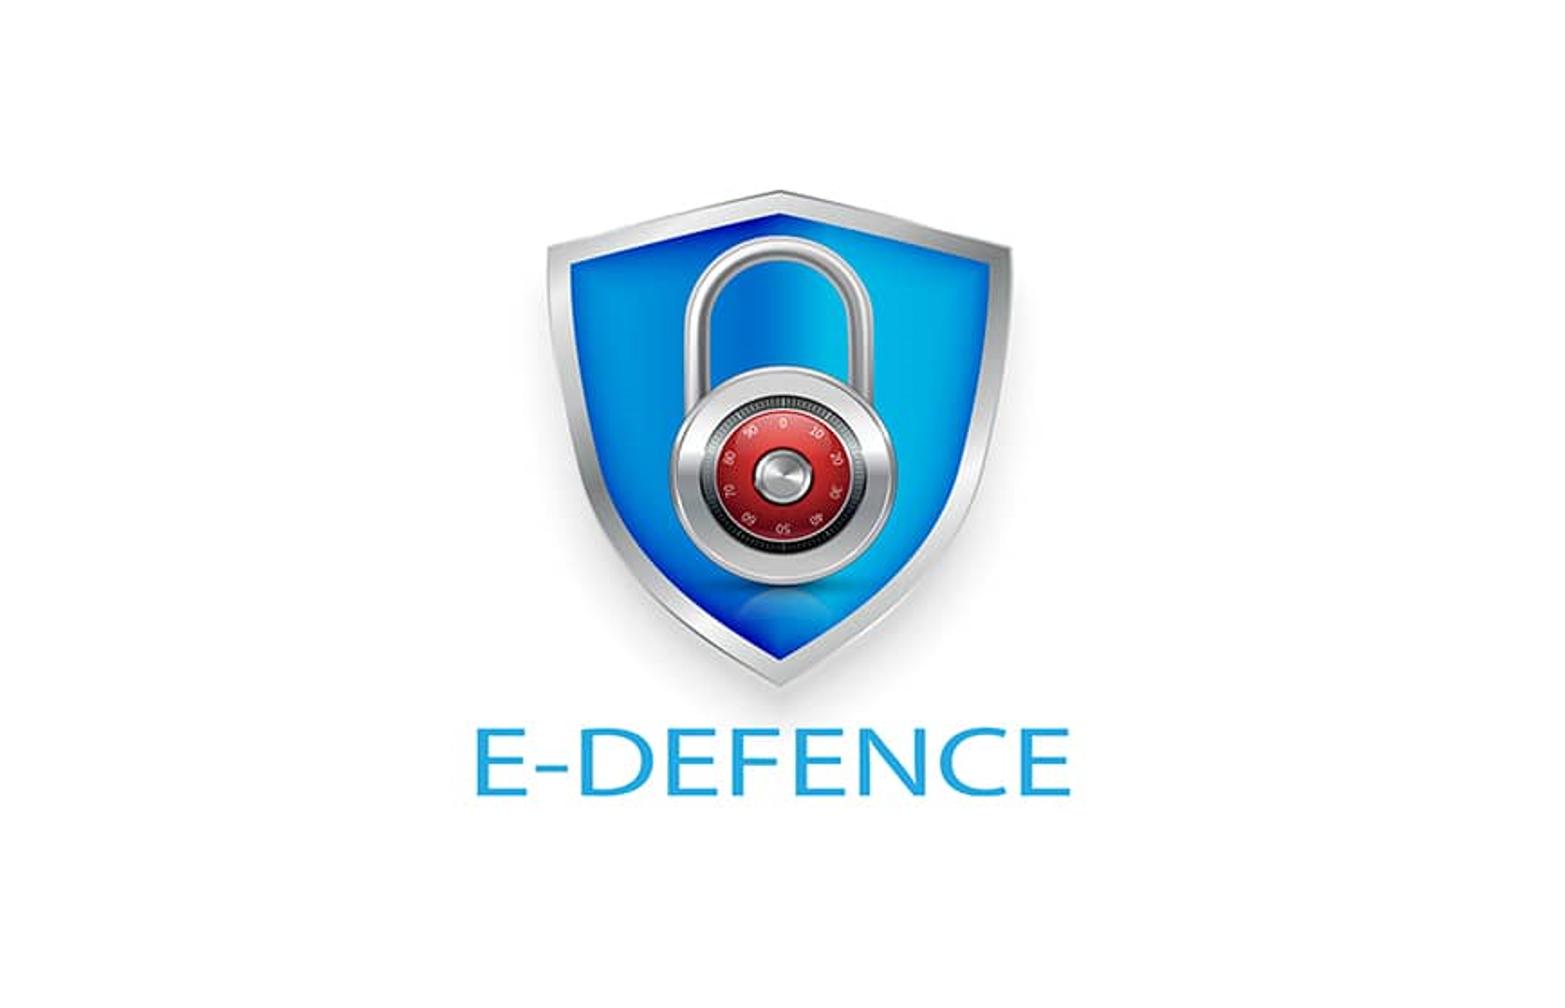 E DEFENCE